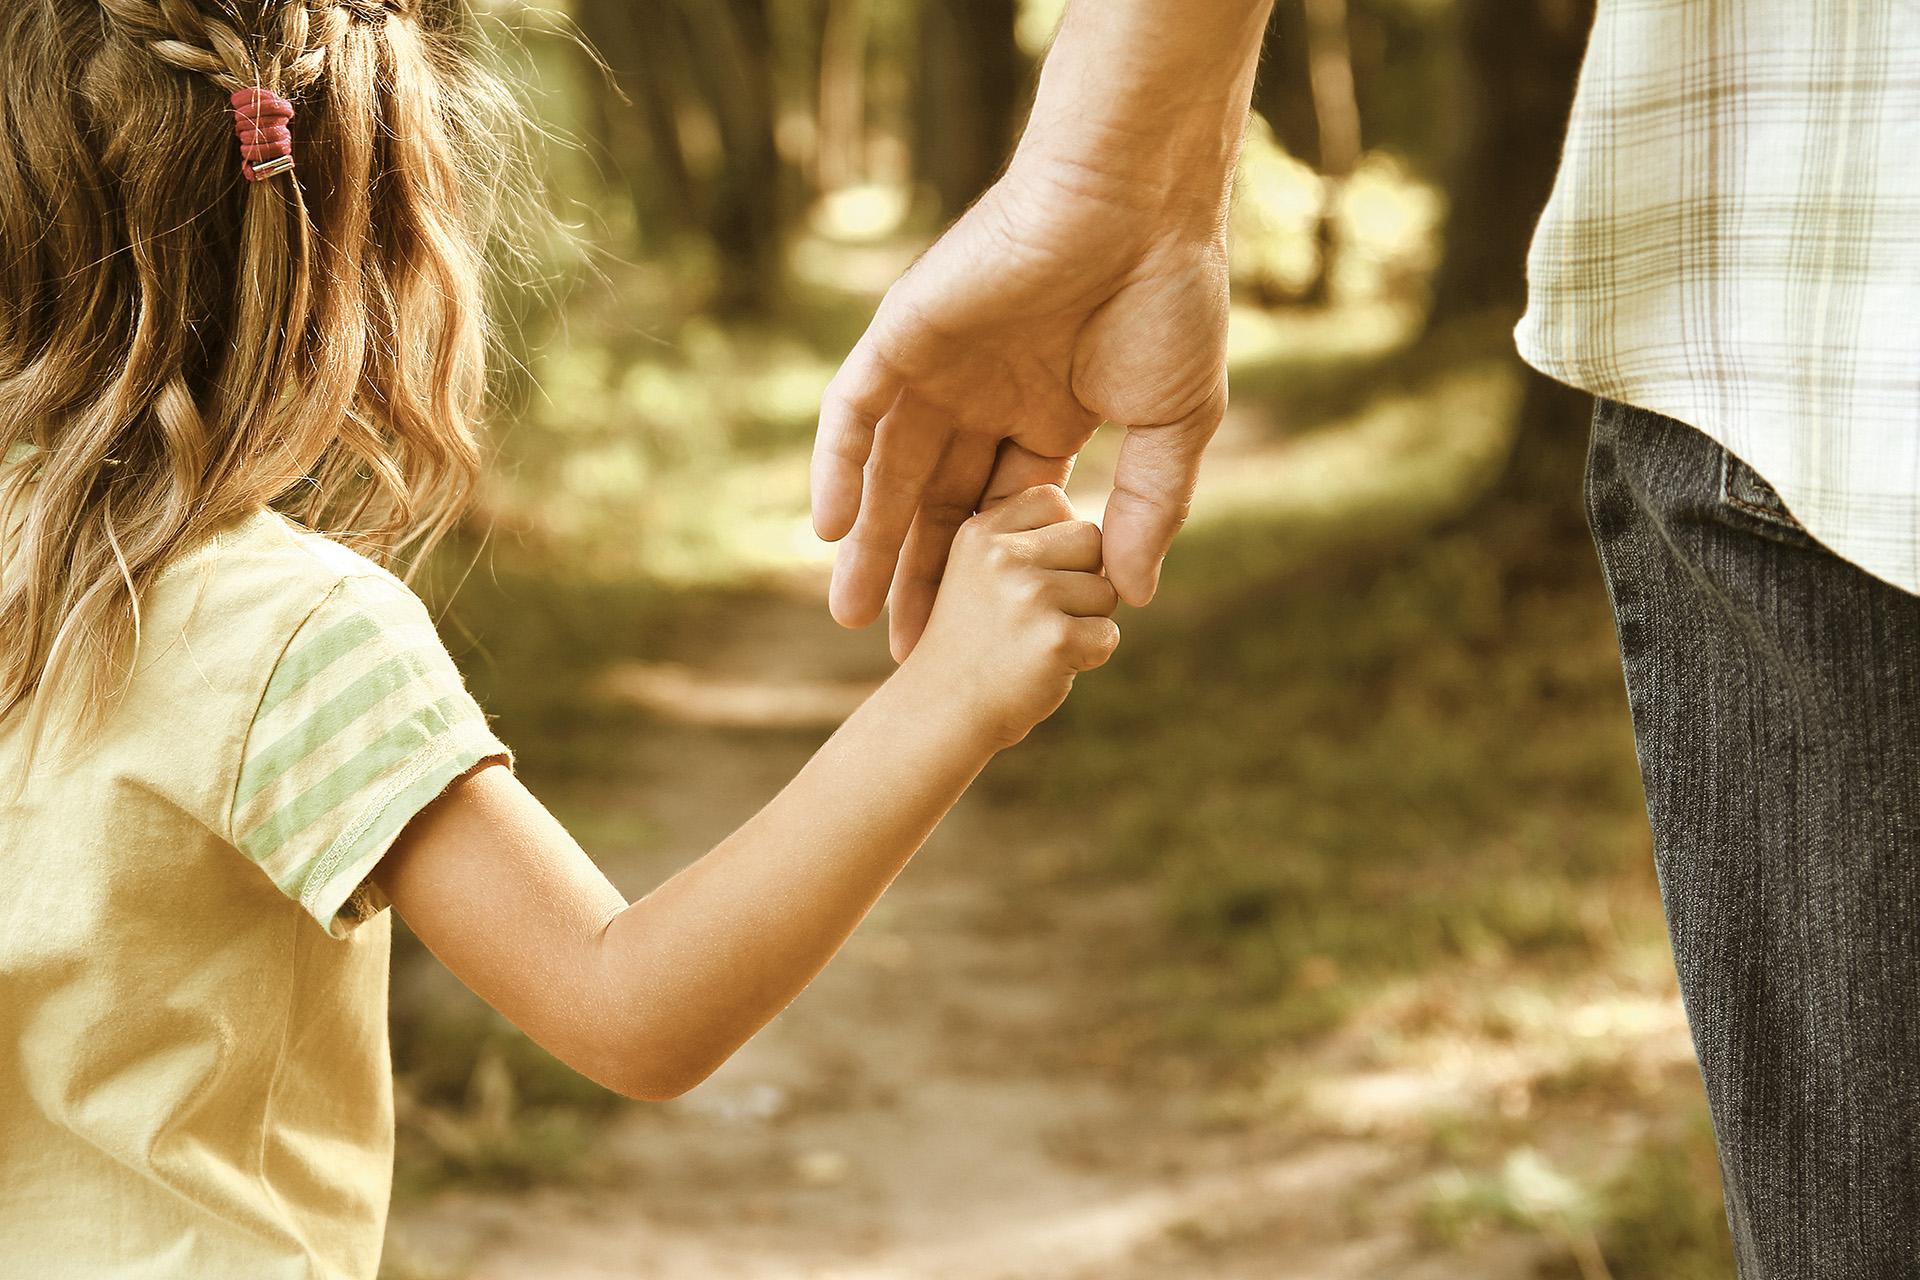 Ein Mädchen hält eine erwachsene Person an der Hand.